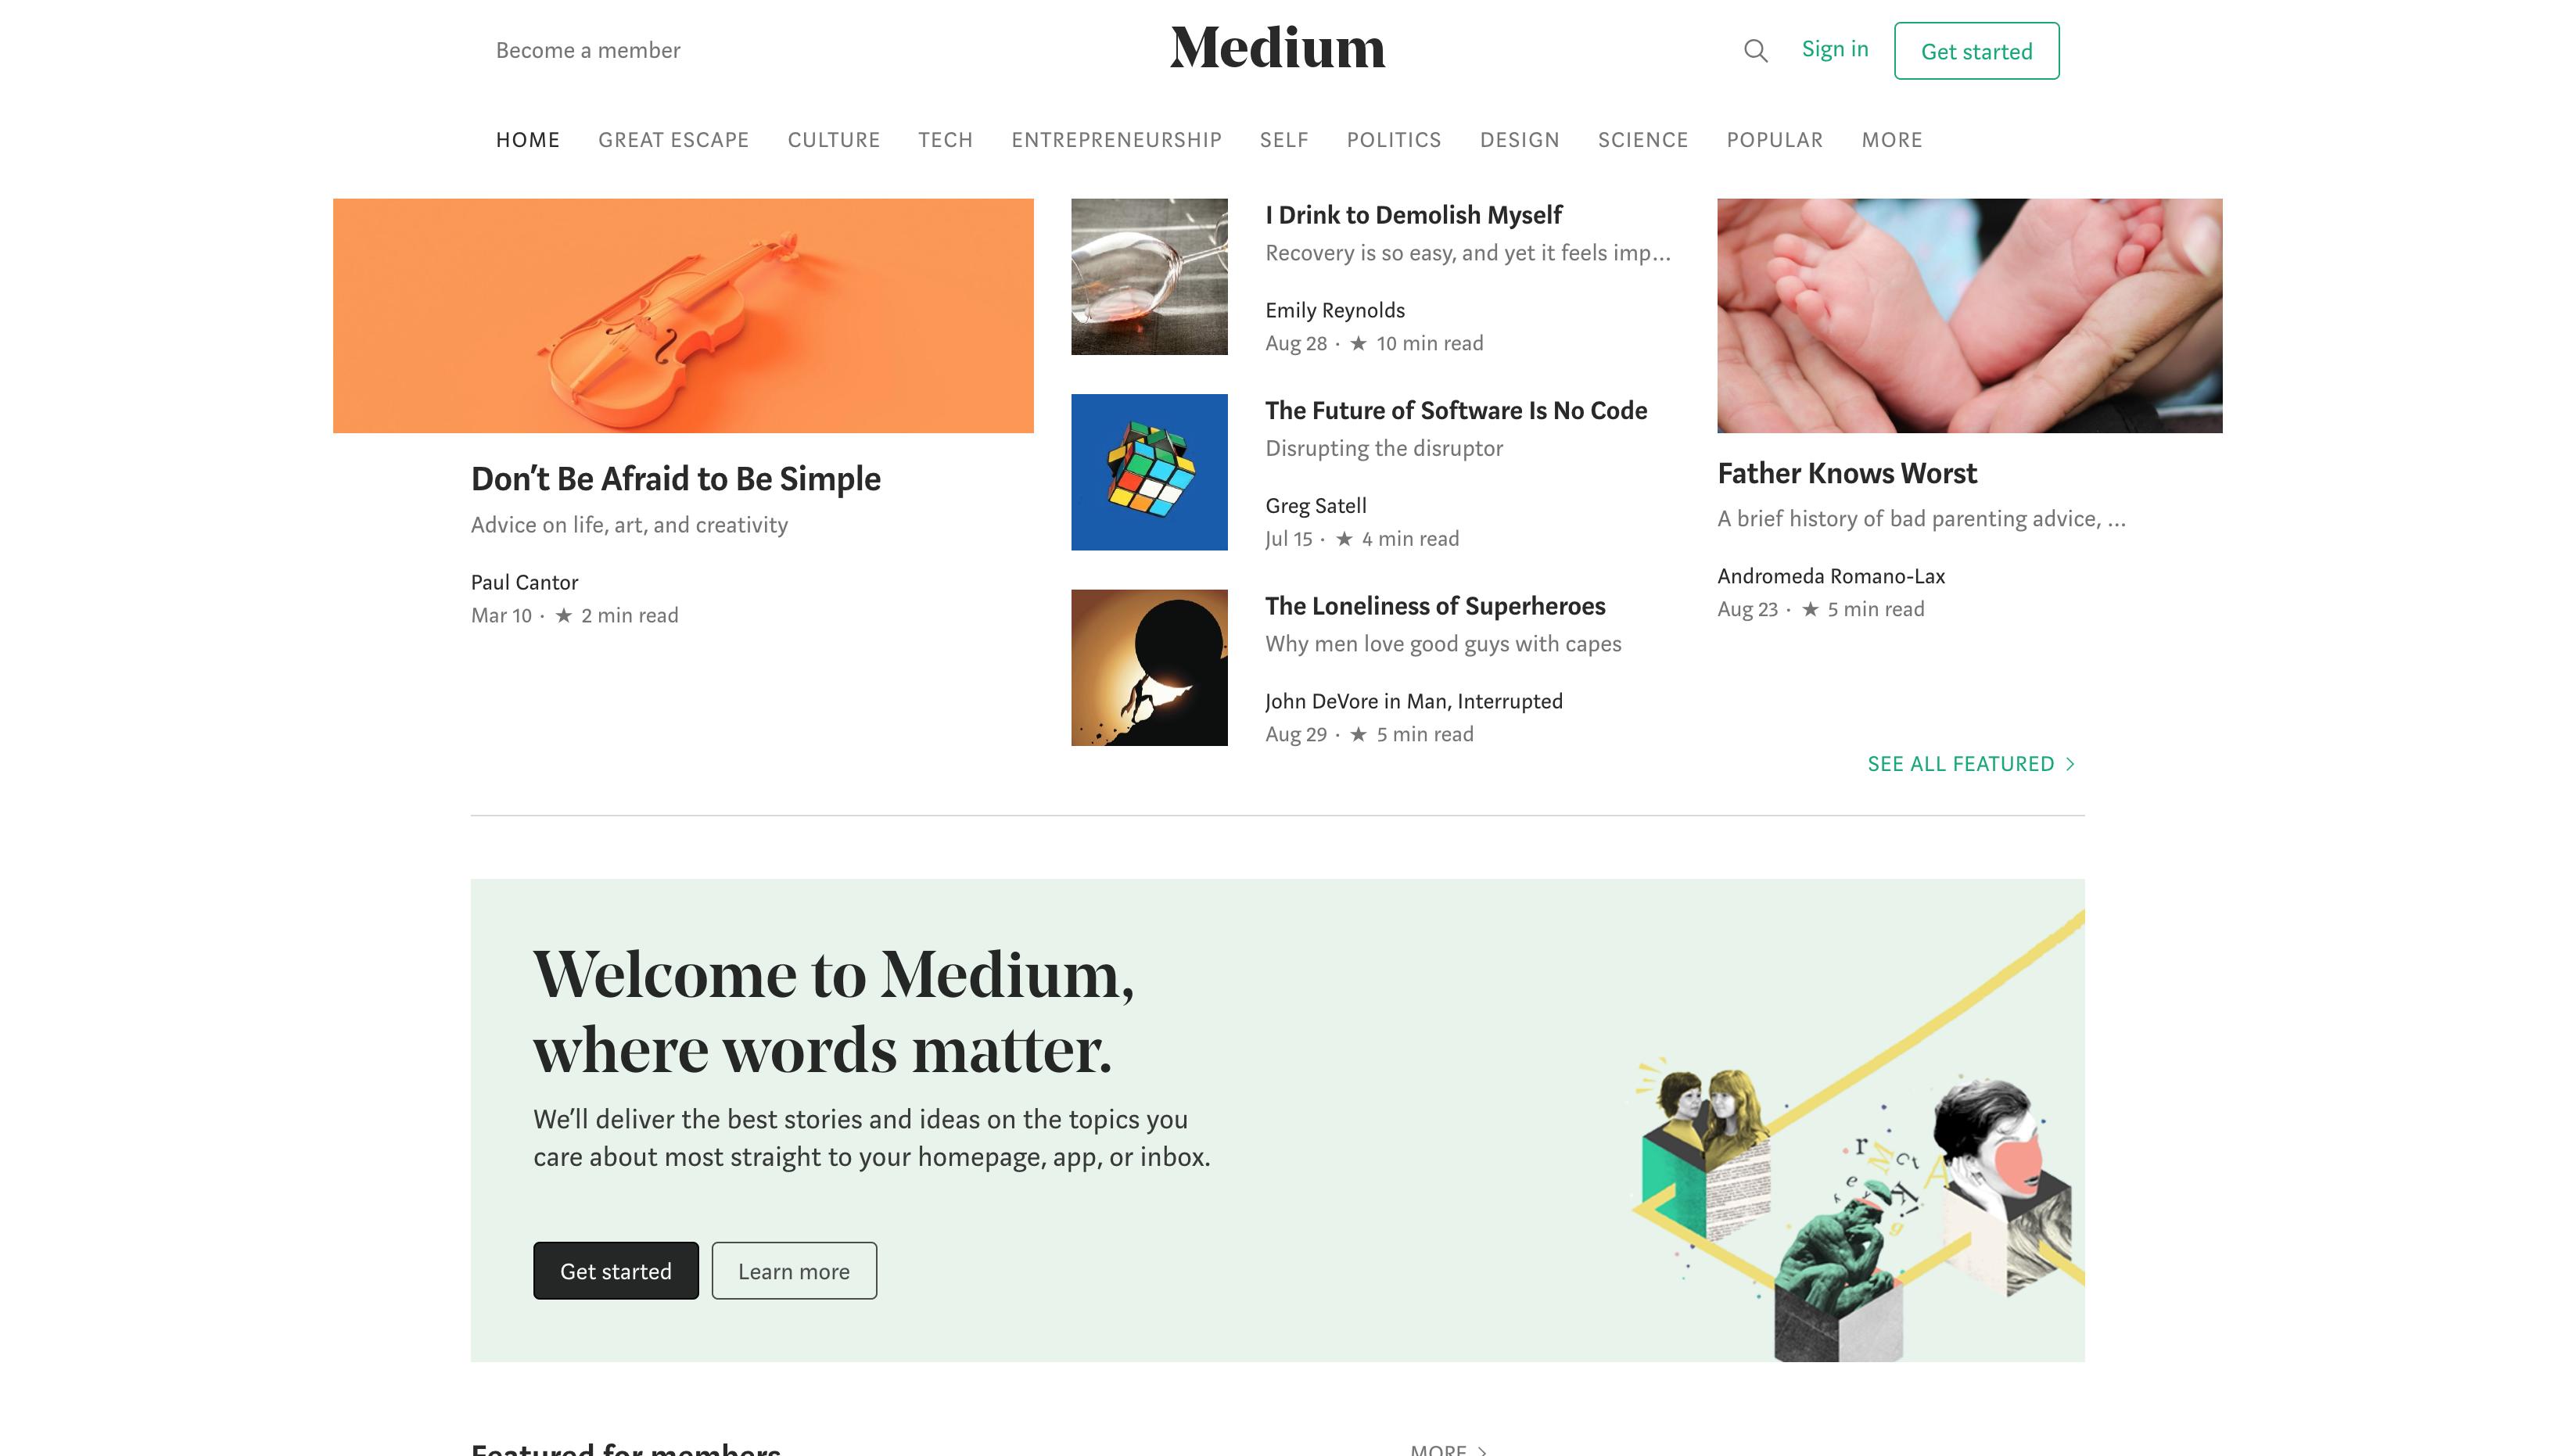 海外で人気のブログサービス「Medium」とは?日本でも利用者数が増加中!